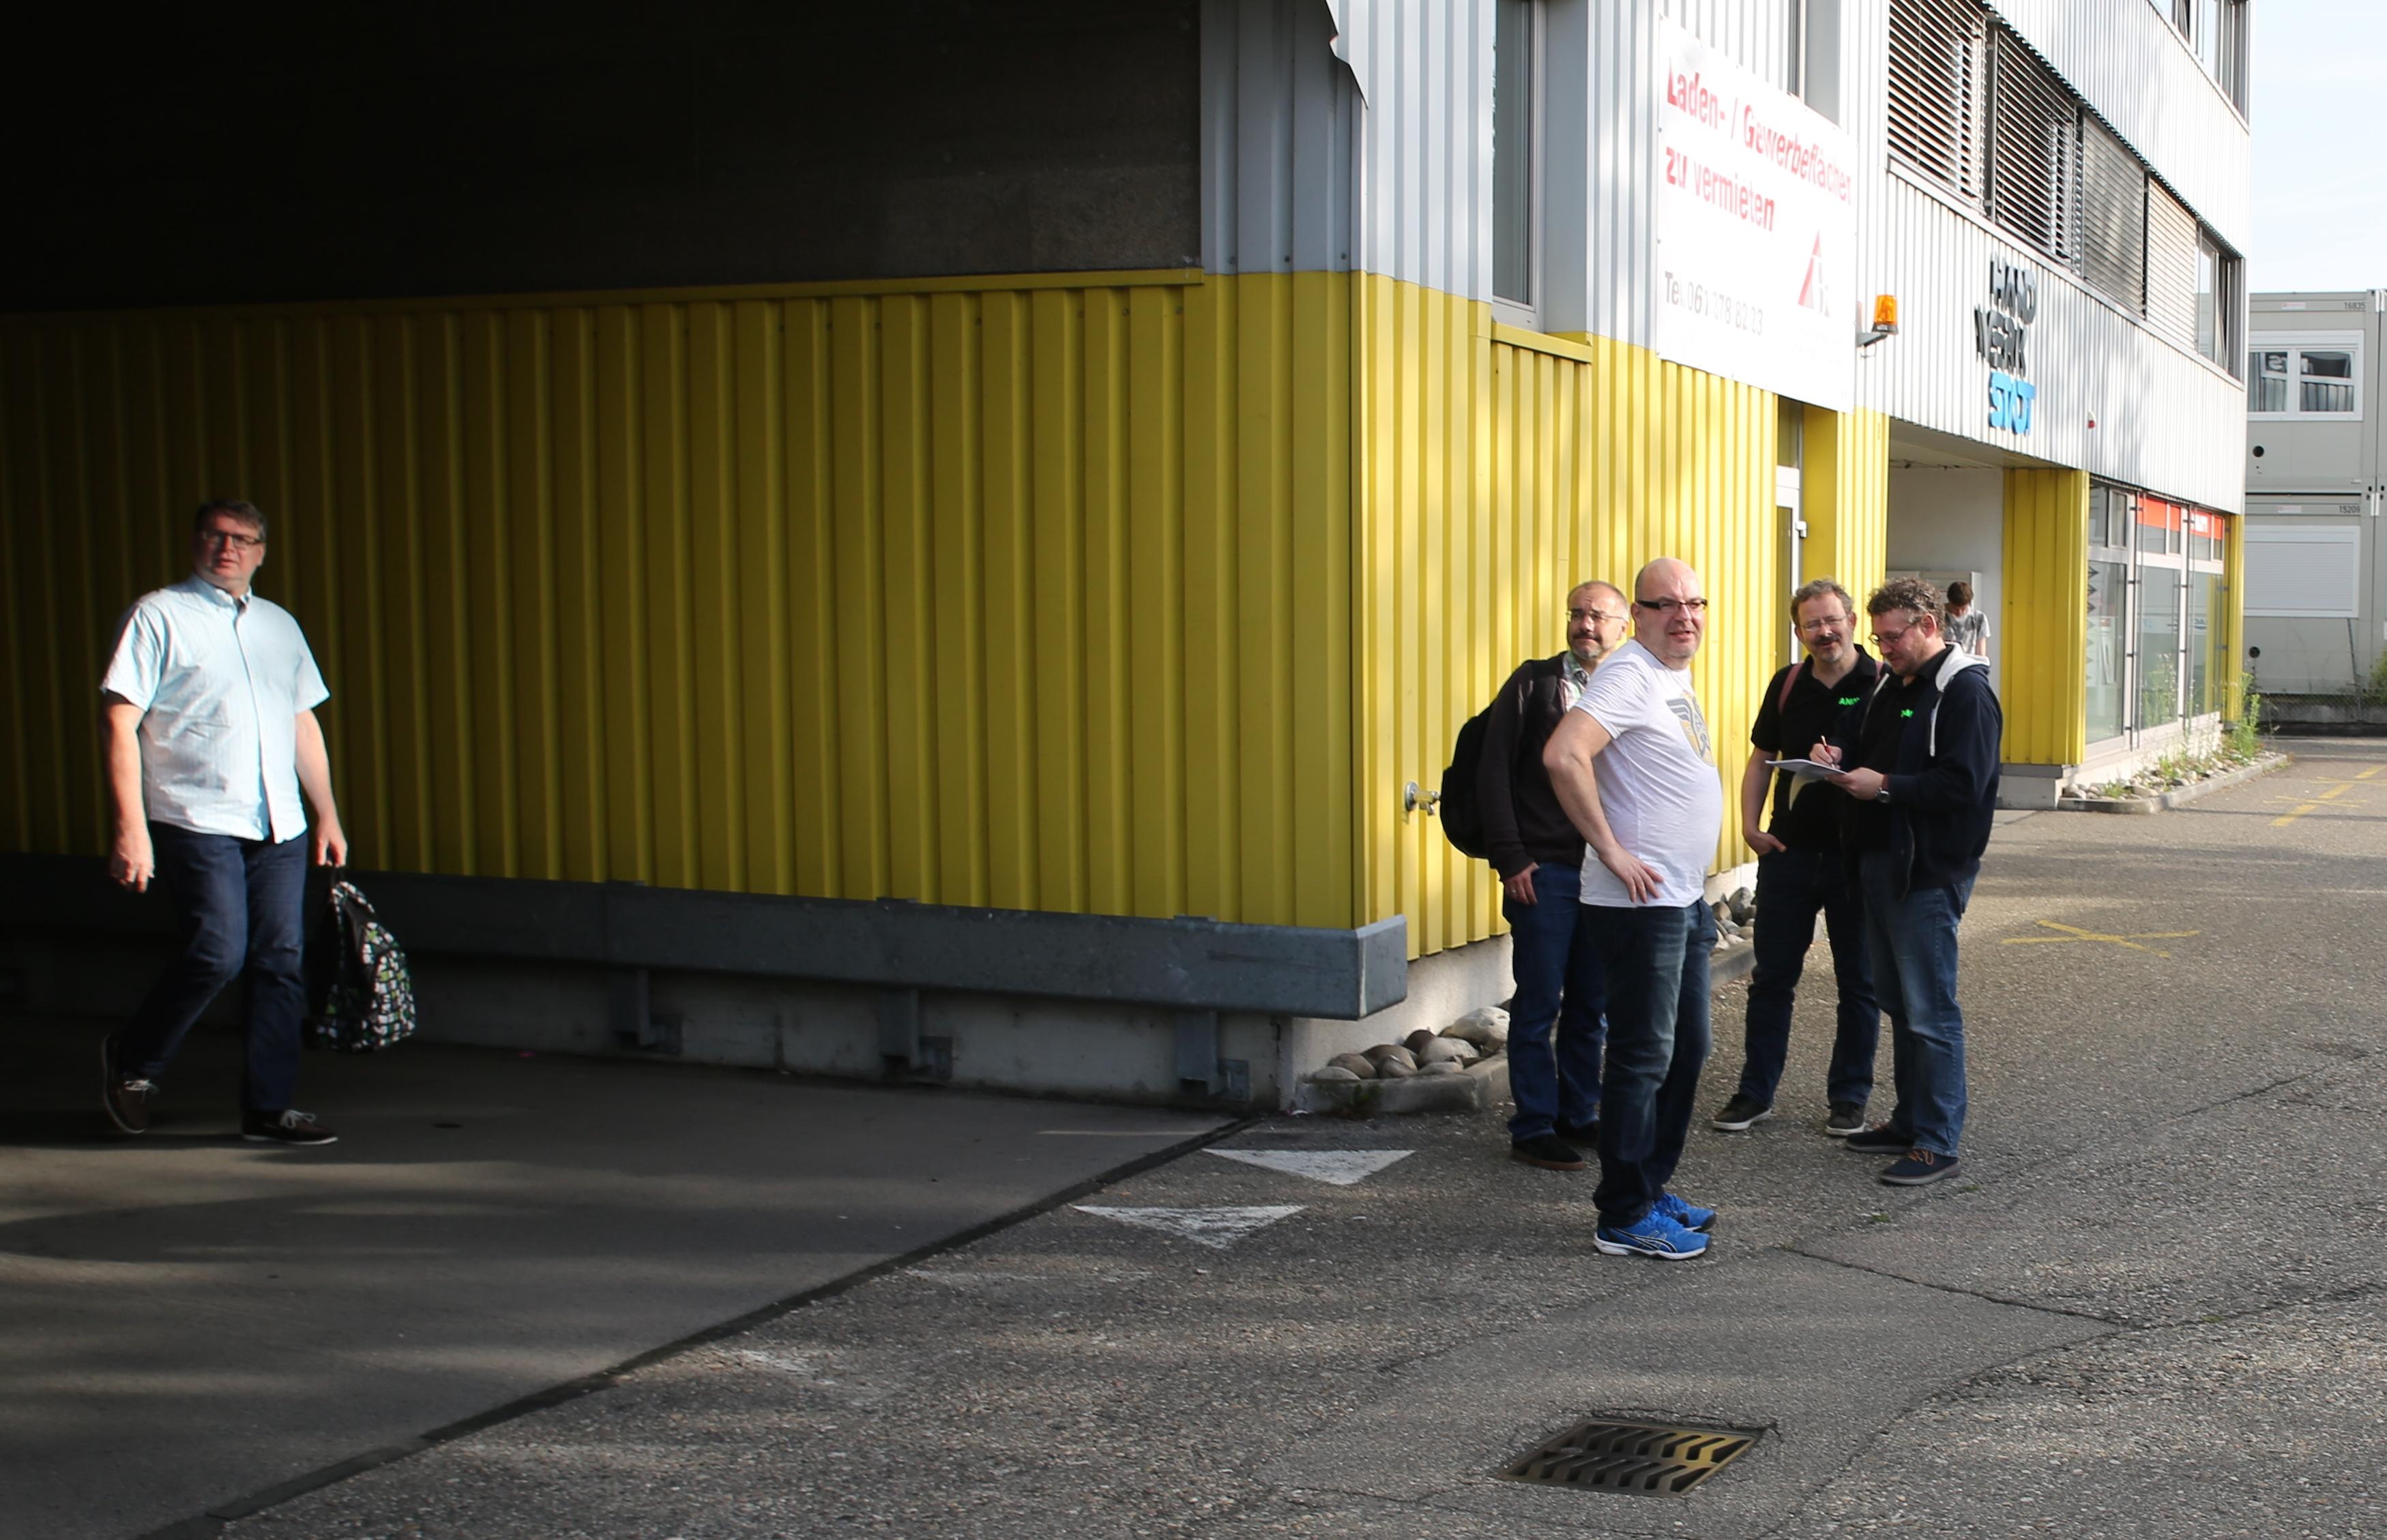 Versammlung vor dem Club